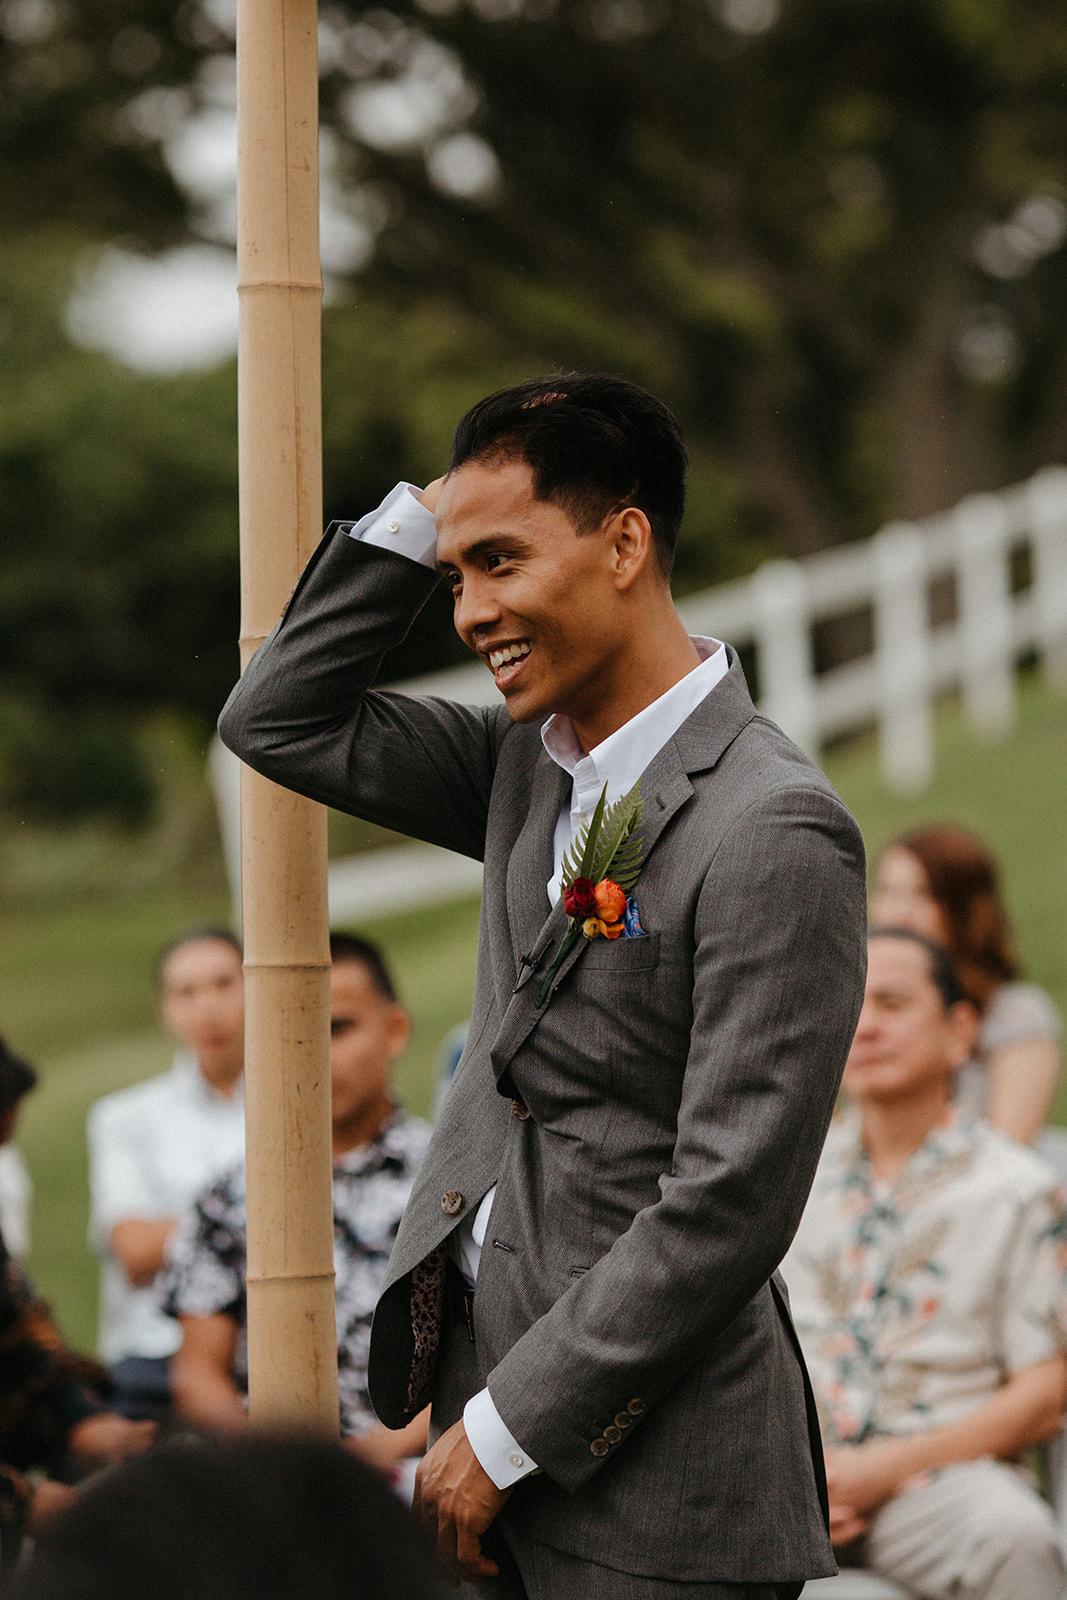 Kualoa_Hawaii_wedding_paliku25.jpg